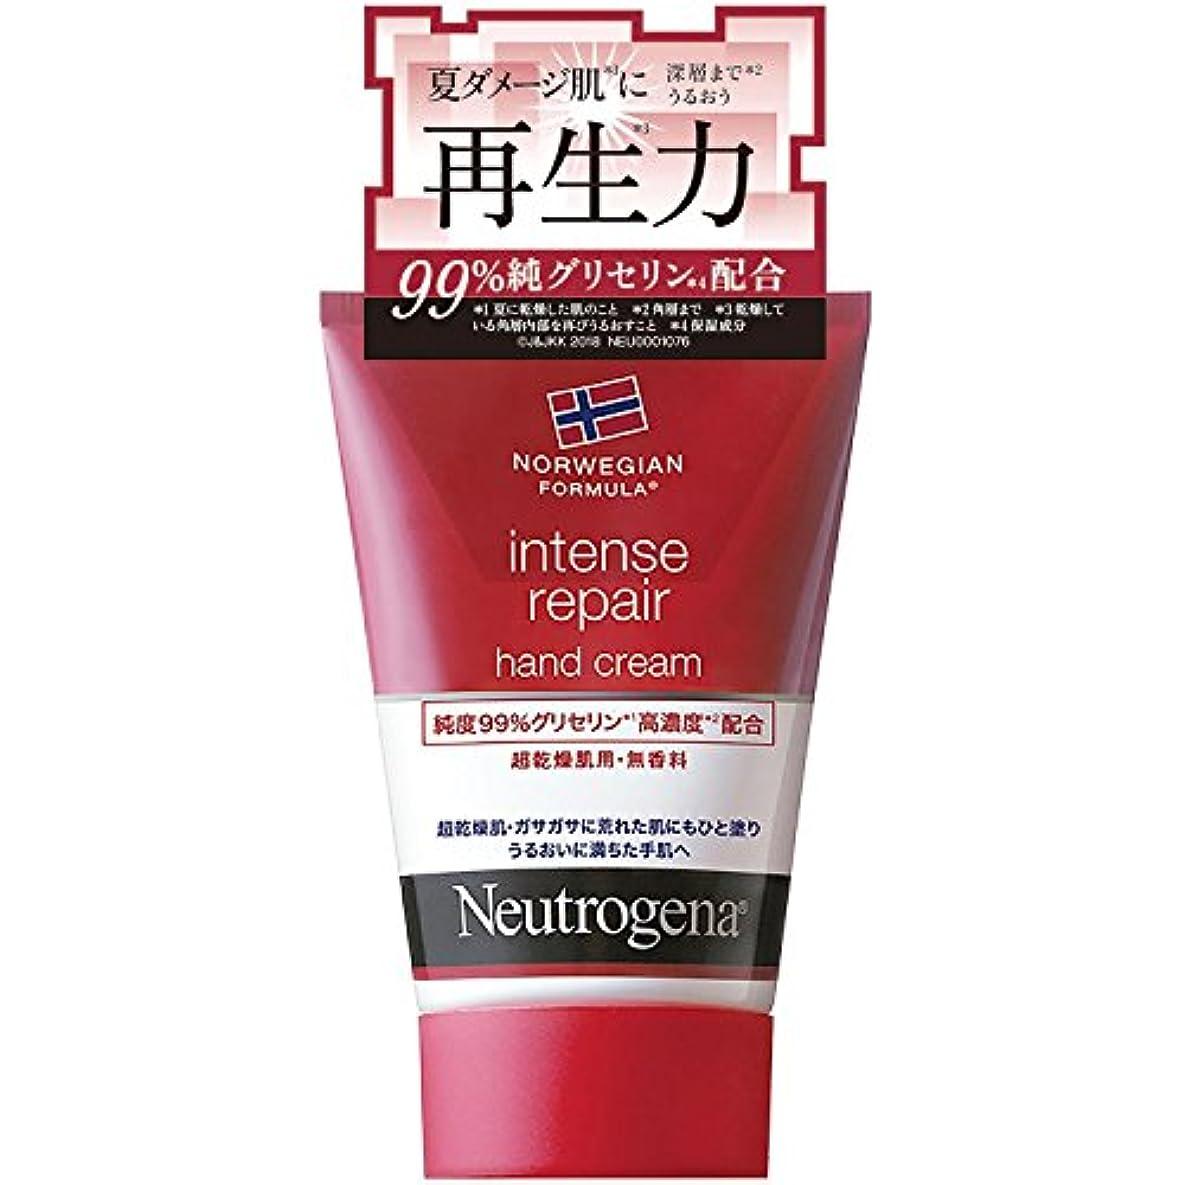 ドキドキおとうさんウミウシNeutrogena(ニュートロジーナ) ノルウェーフォーミュラ インテンスリペア ハンドクリーム 超乾燥肌用 無香料 単品 50g